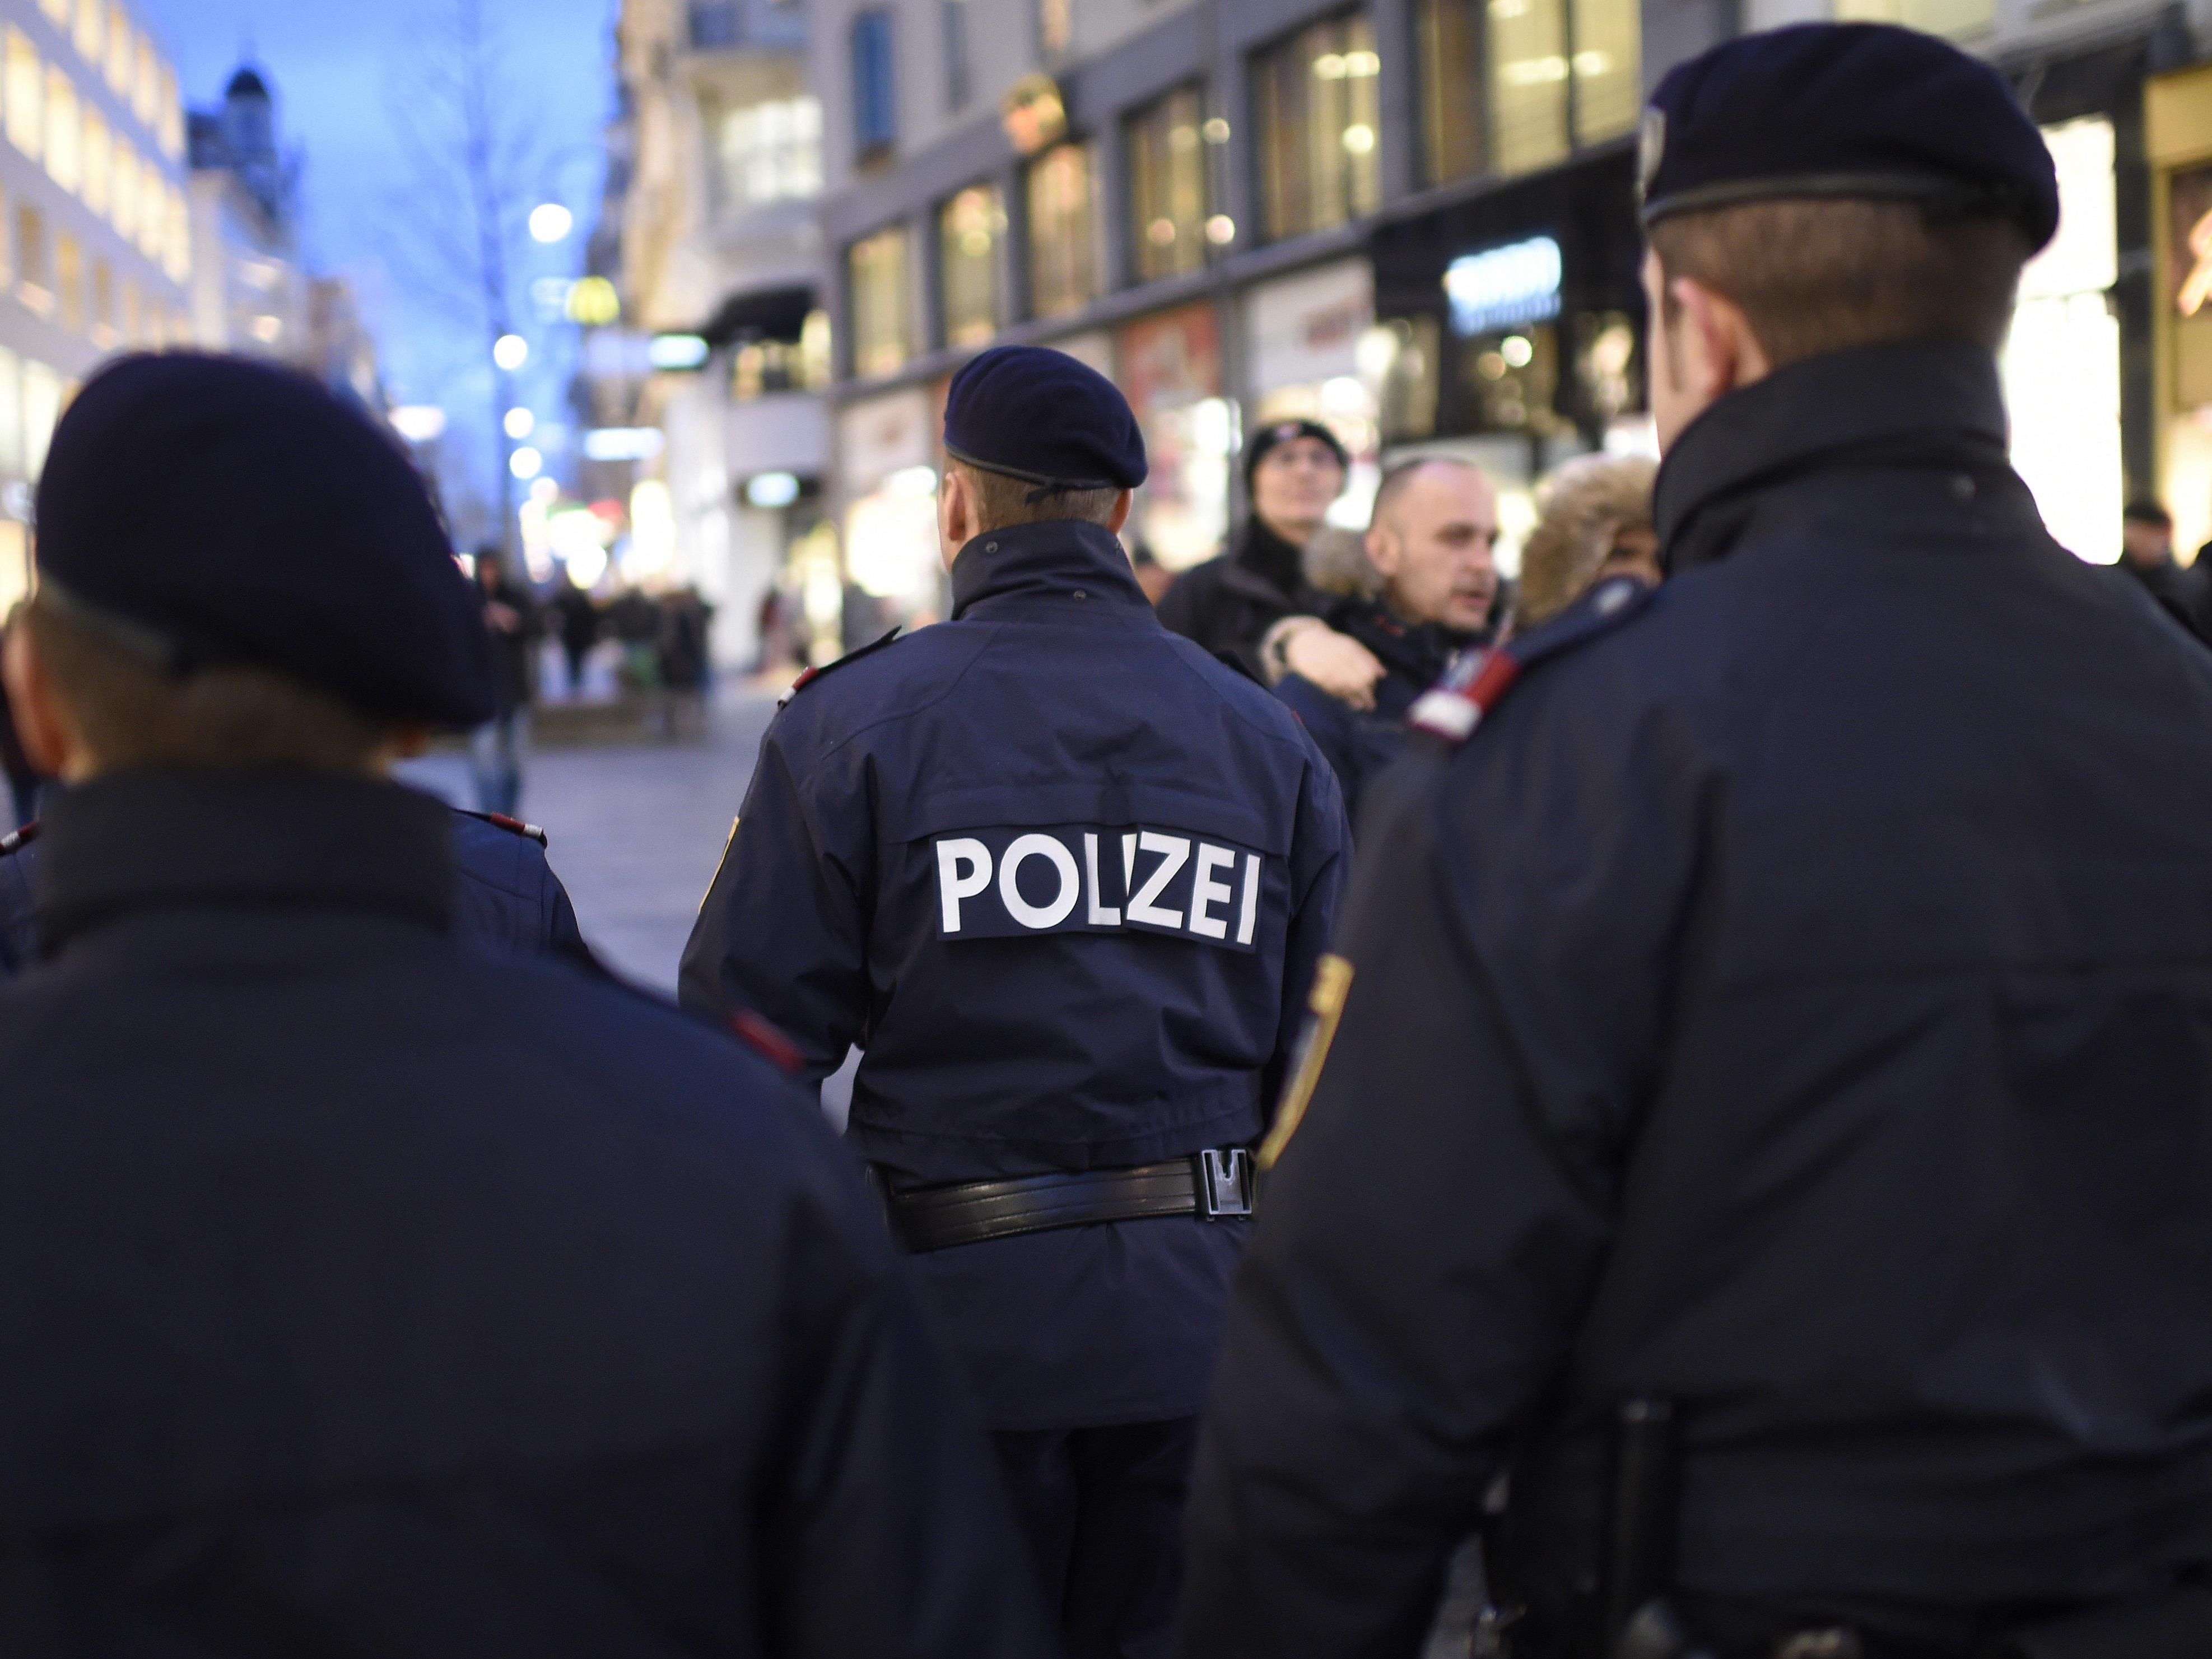 Ein Anrufer hatte die Polizei alarmiert, nachdem er dachten, einen Schuss gehört zu haben.